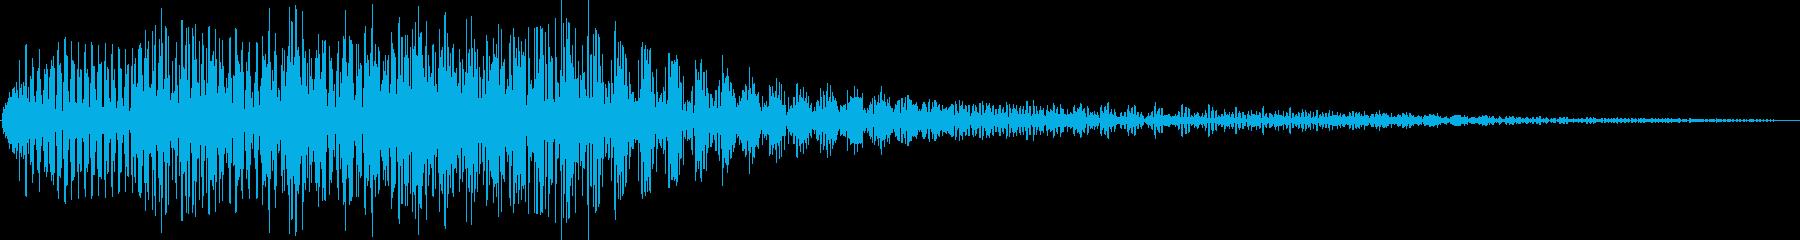 キロロン(アイテム獲得 チュートリアル)の再生済みの波形